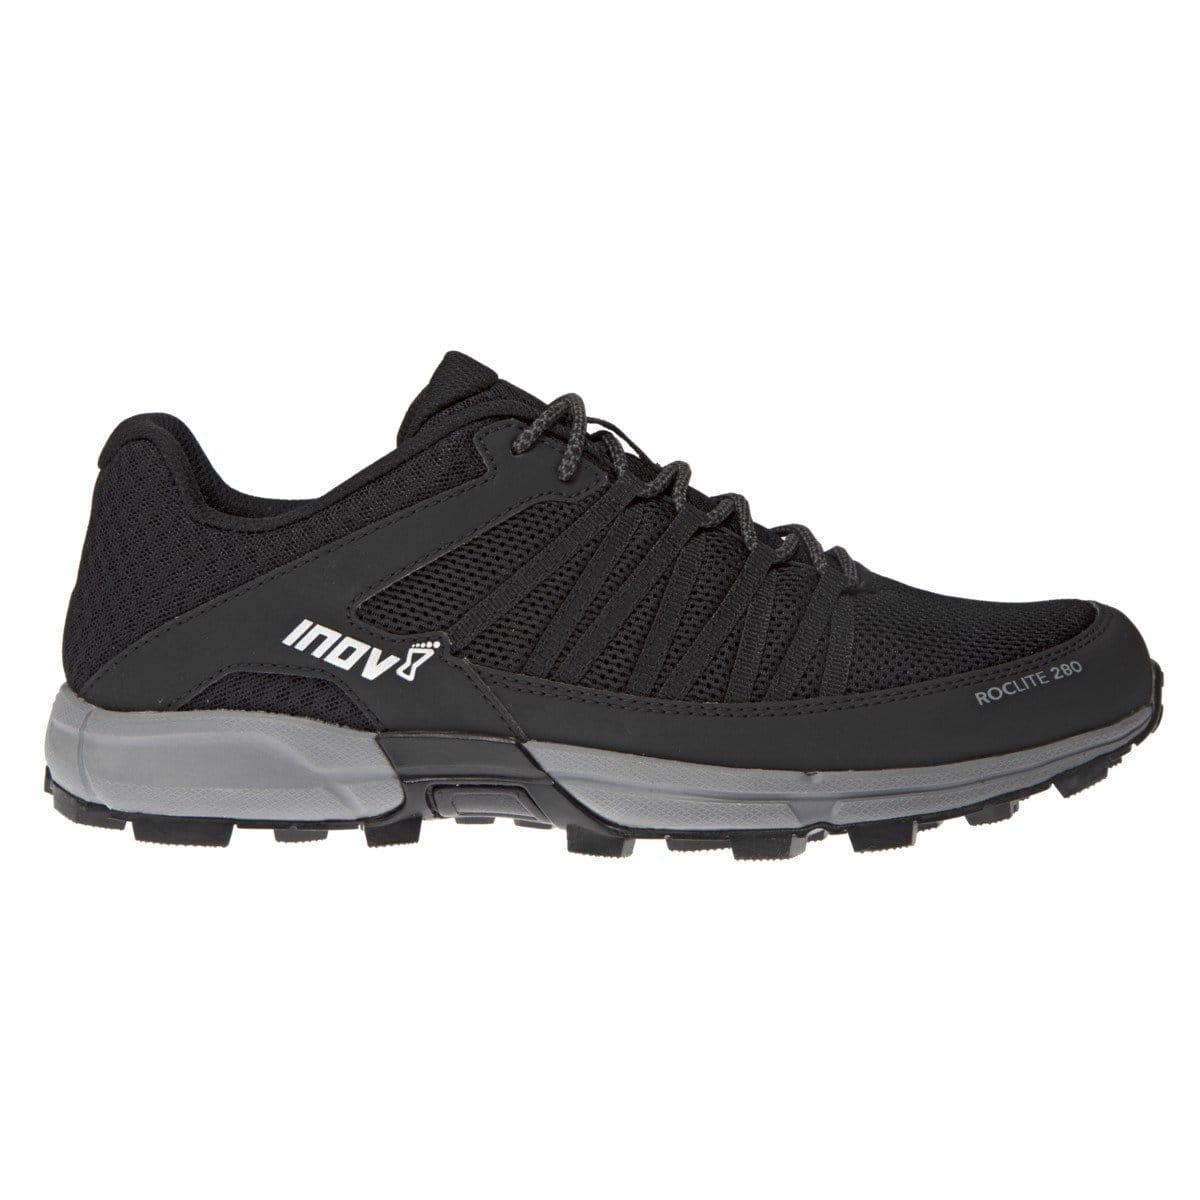 Běžecká obuv Inov-8  ROCLITE 280 M (M) black/grey černá/šedá